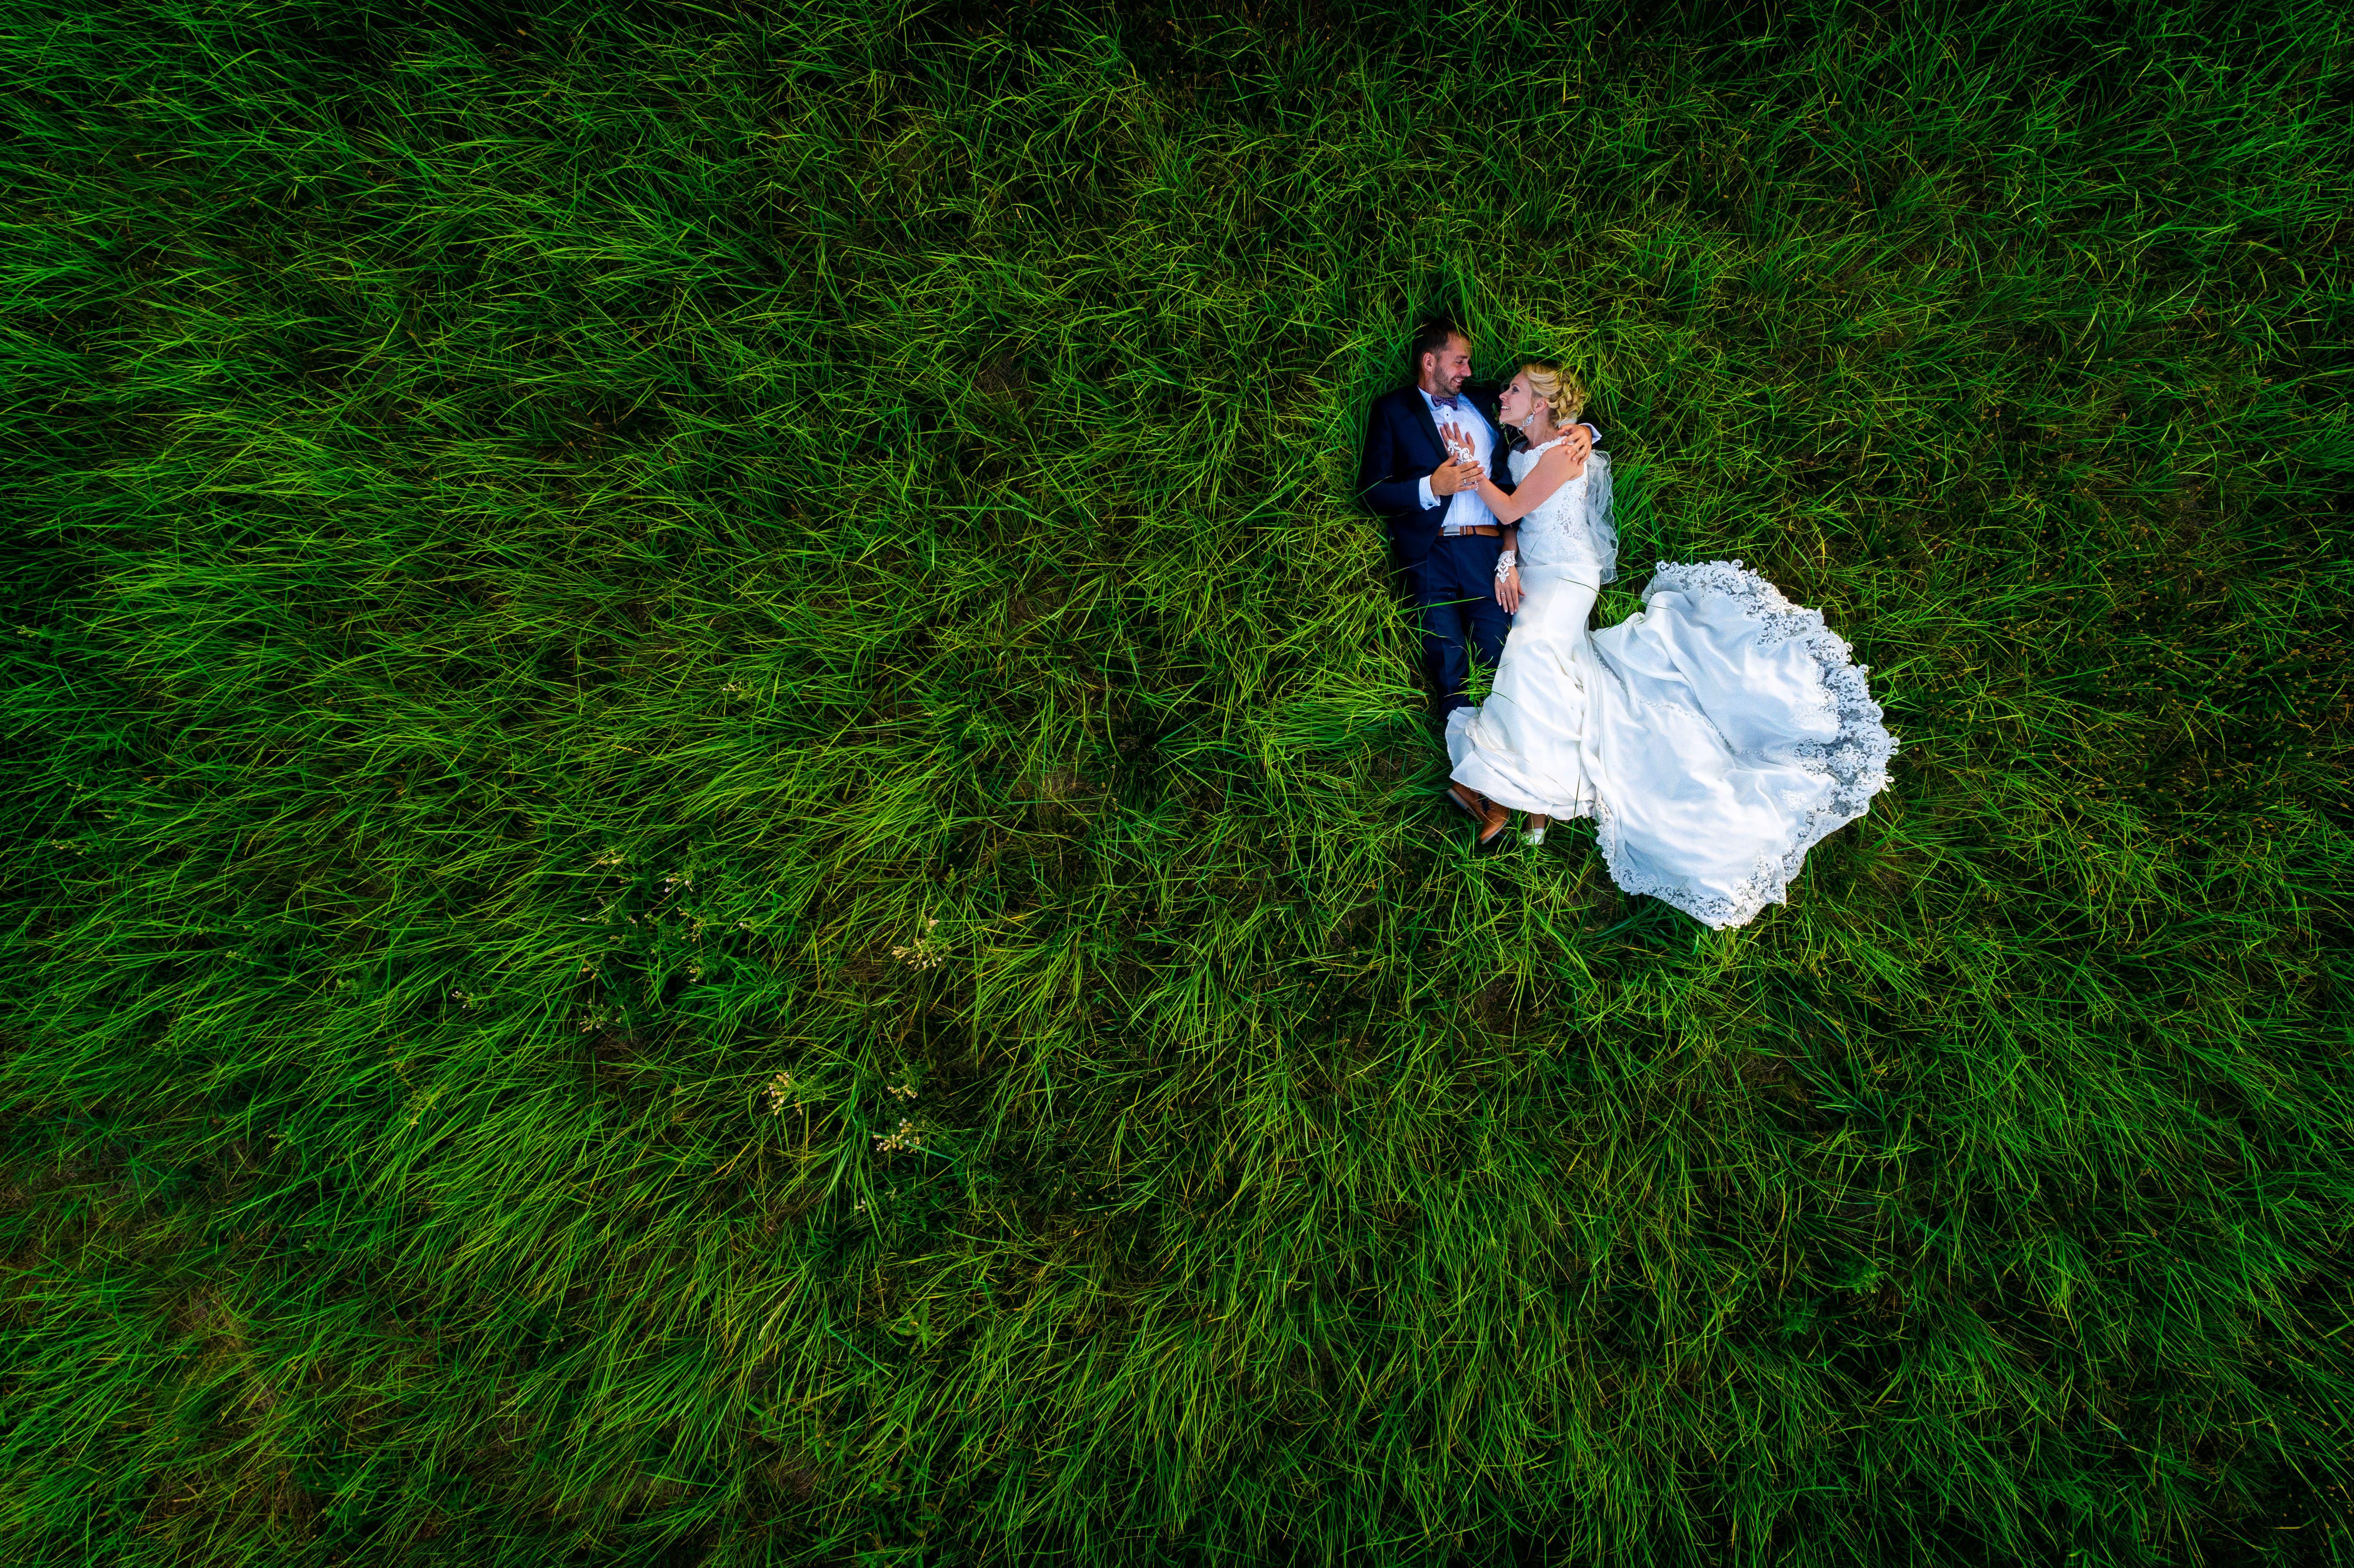 Pin Von Susi Auf Hochzeitsshooting Ideen Fotograf Hochzeit Hochzeitsfotograf Sommer Fotografie